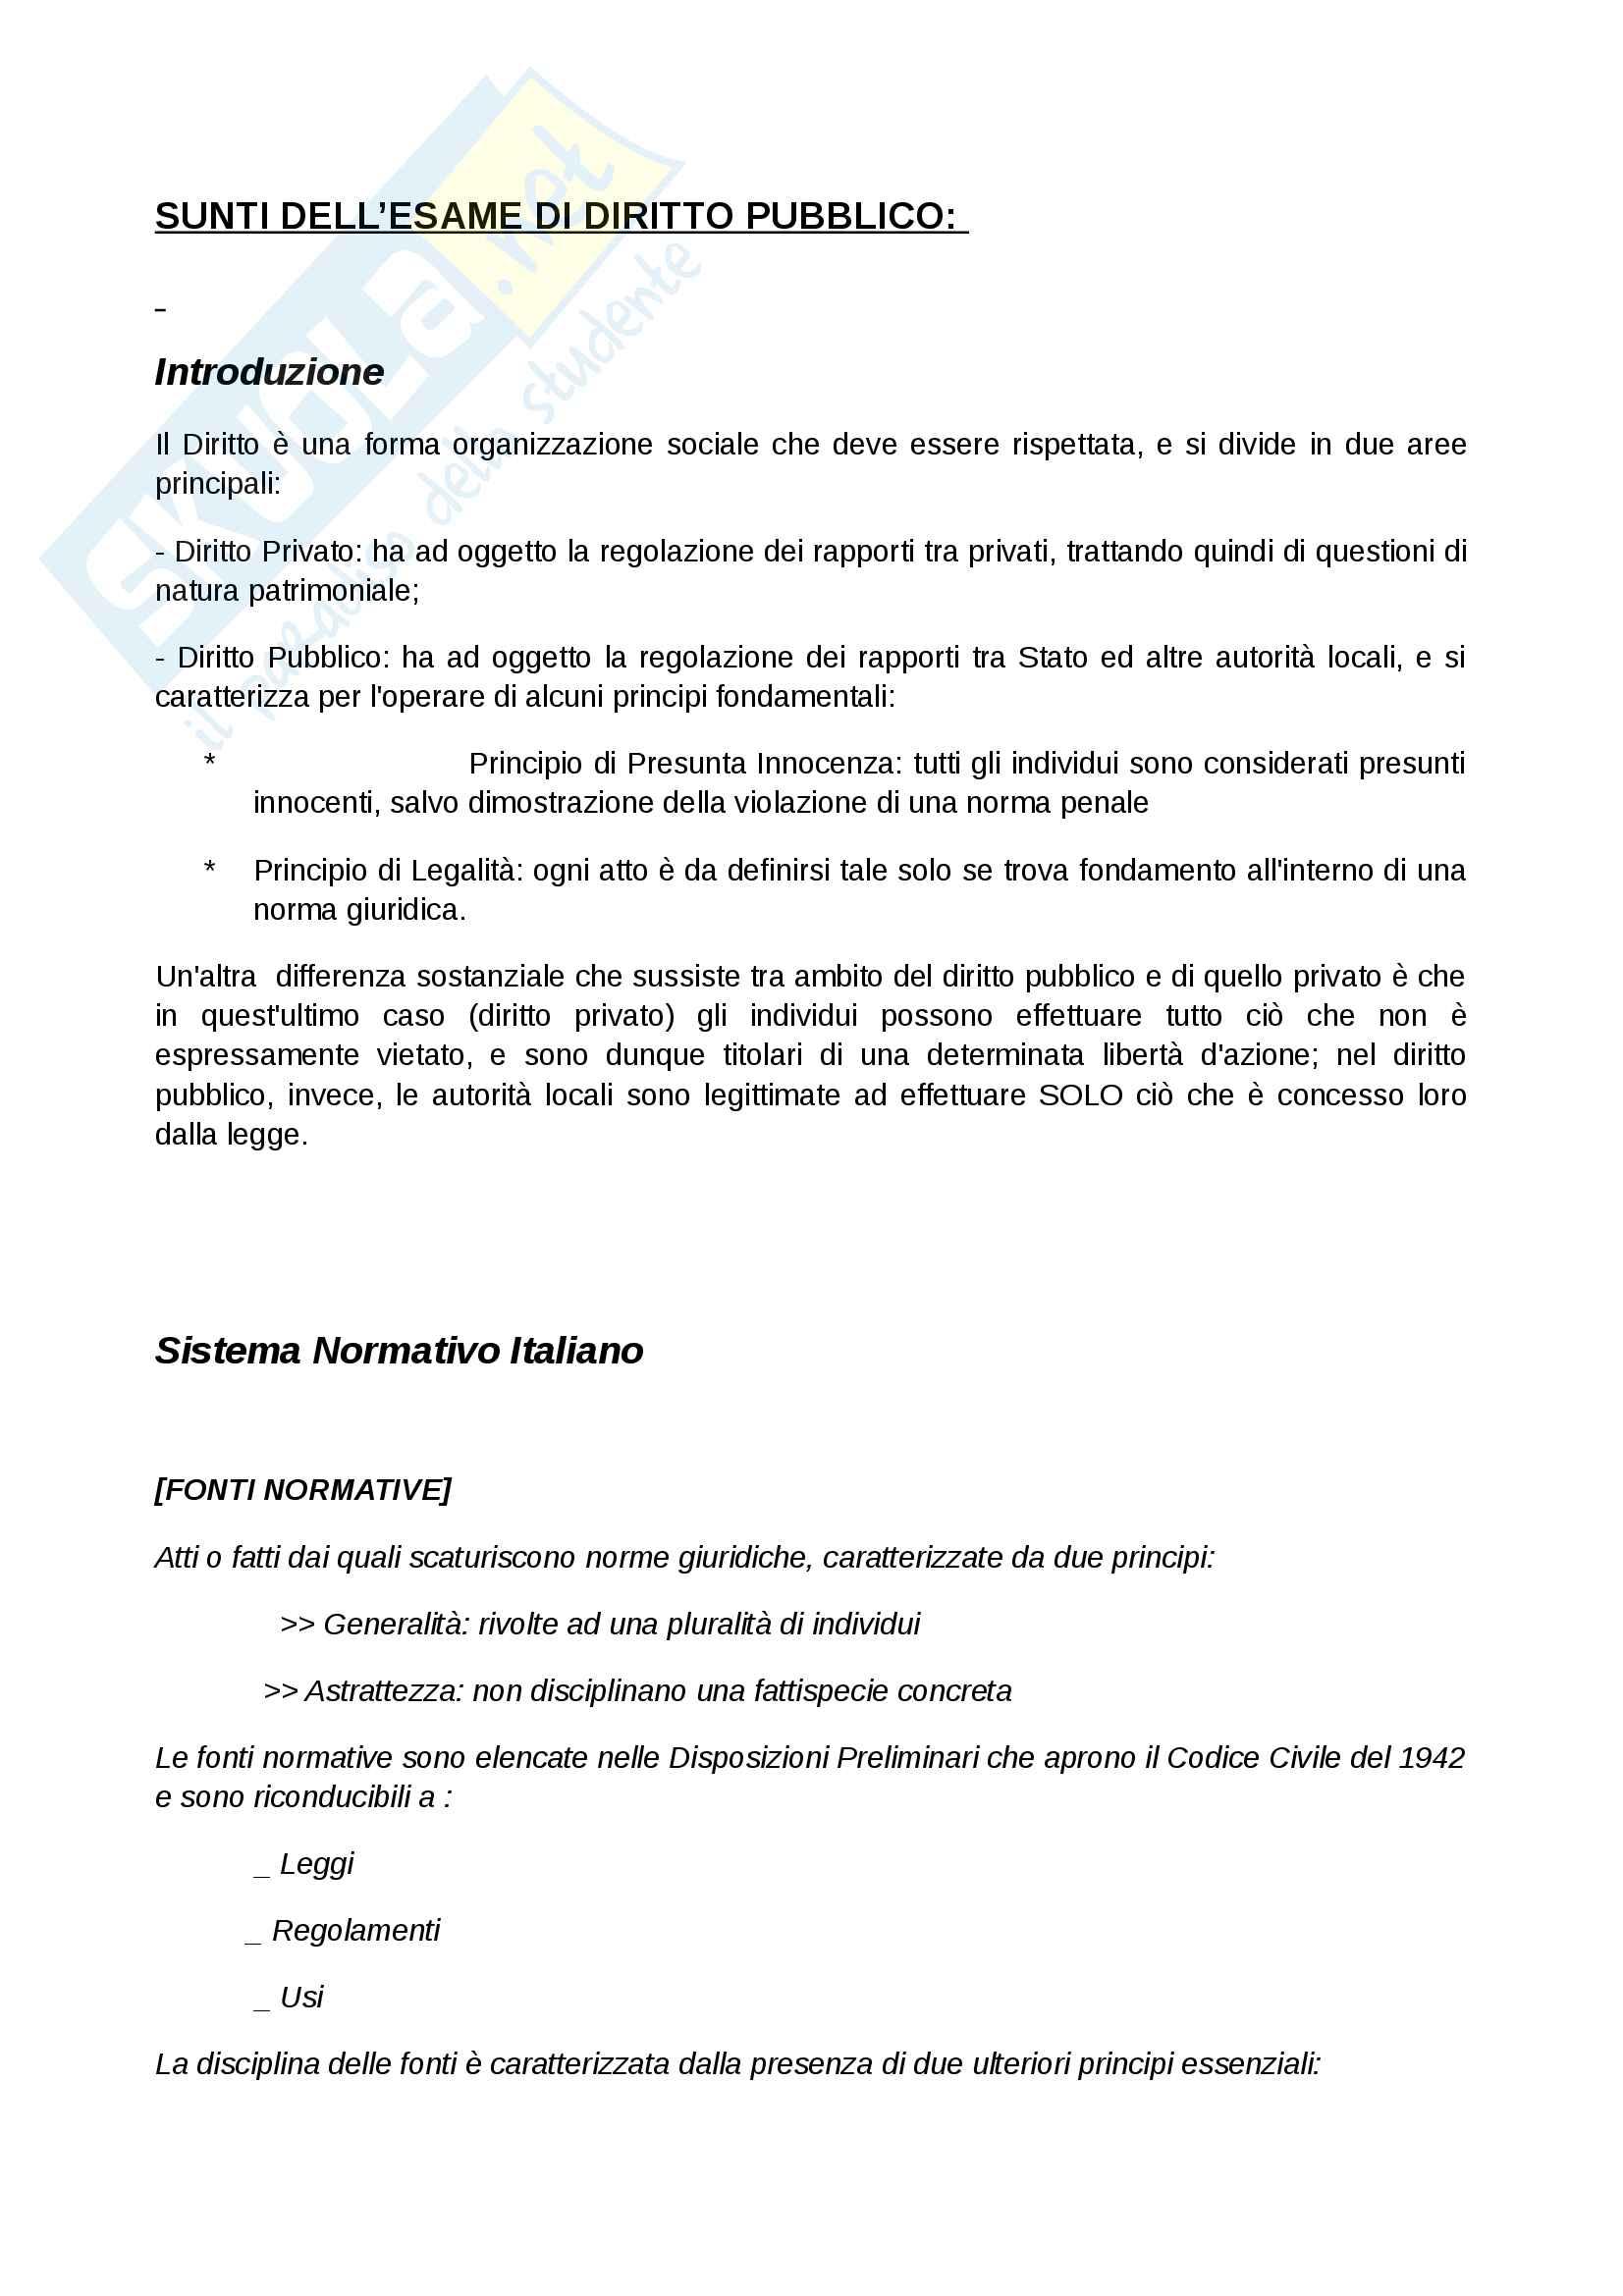 Riassunto esame Diritto Pubblico - Prof. Pierfrancesco Lotito - Economia Aziendale Unifi